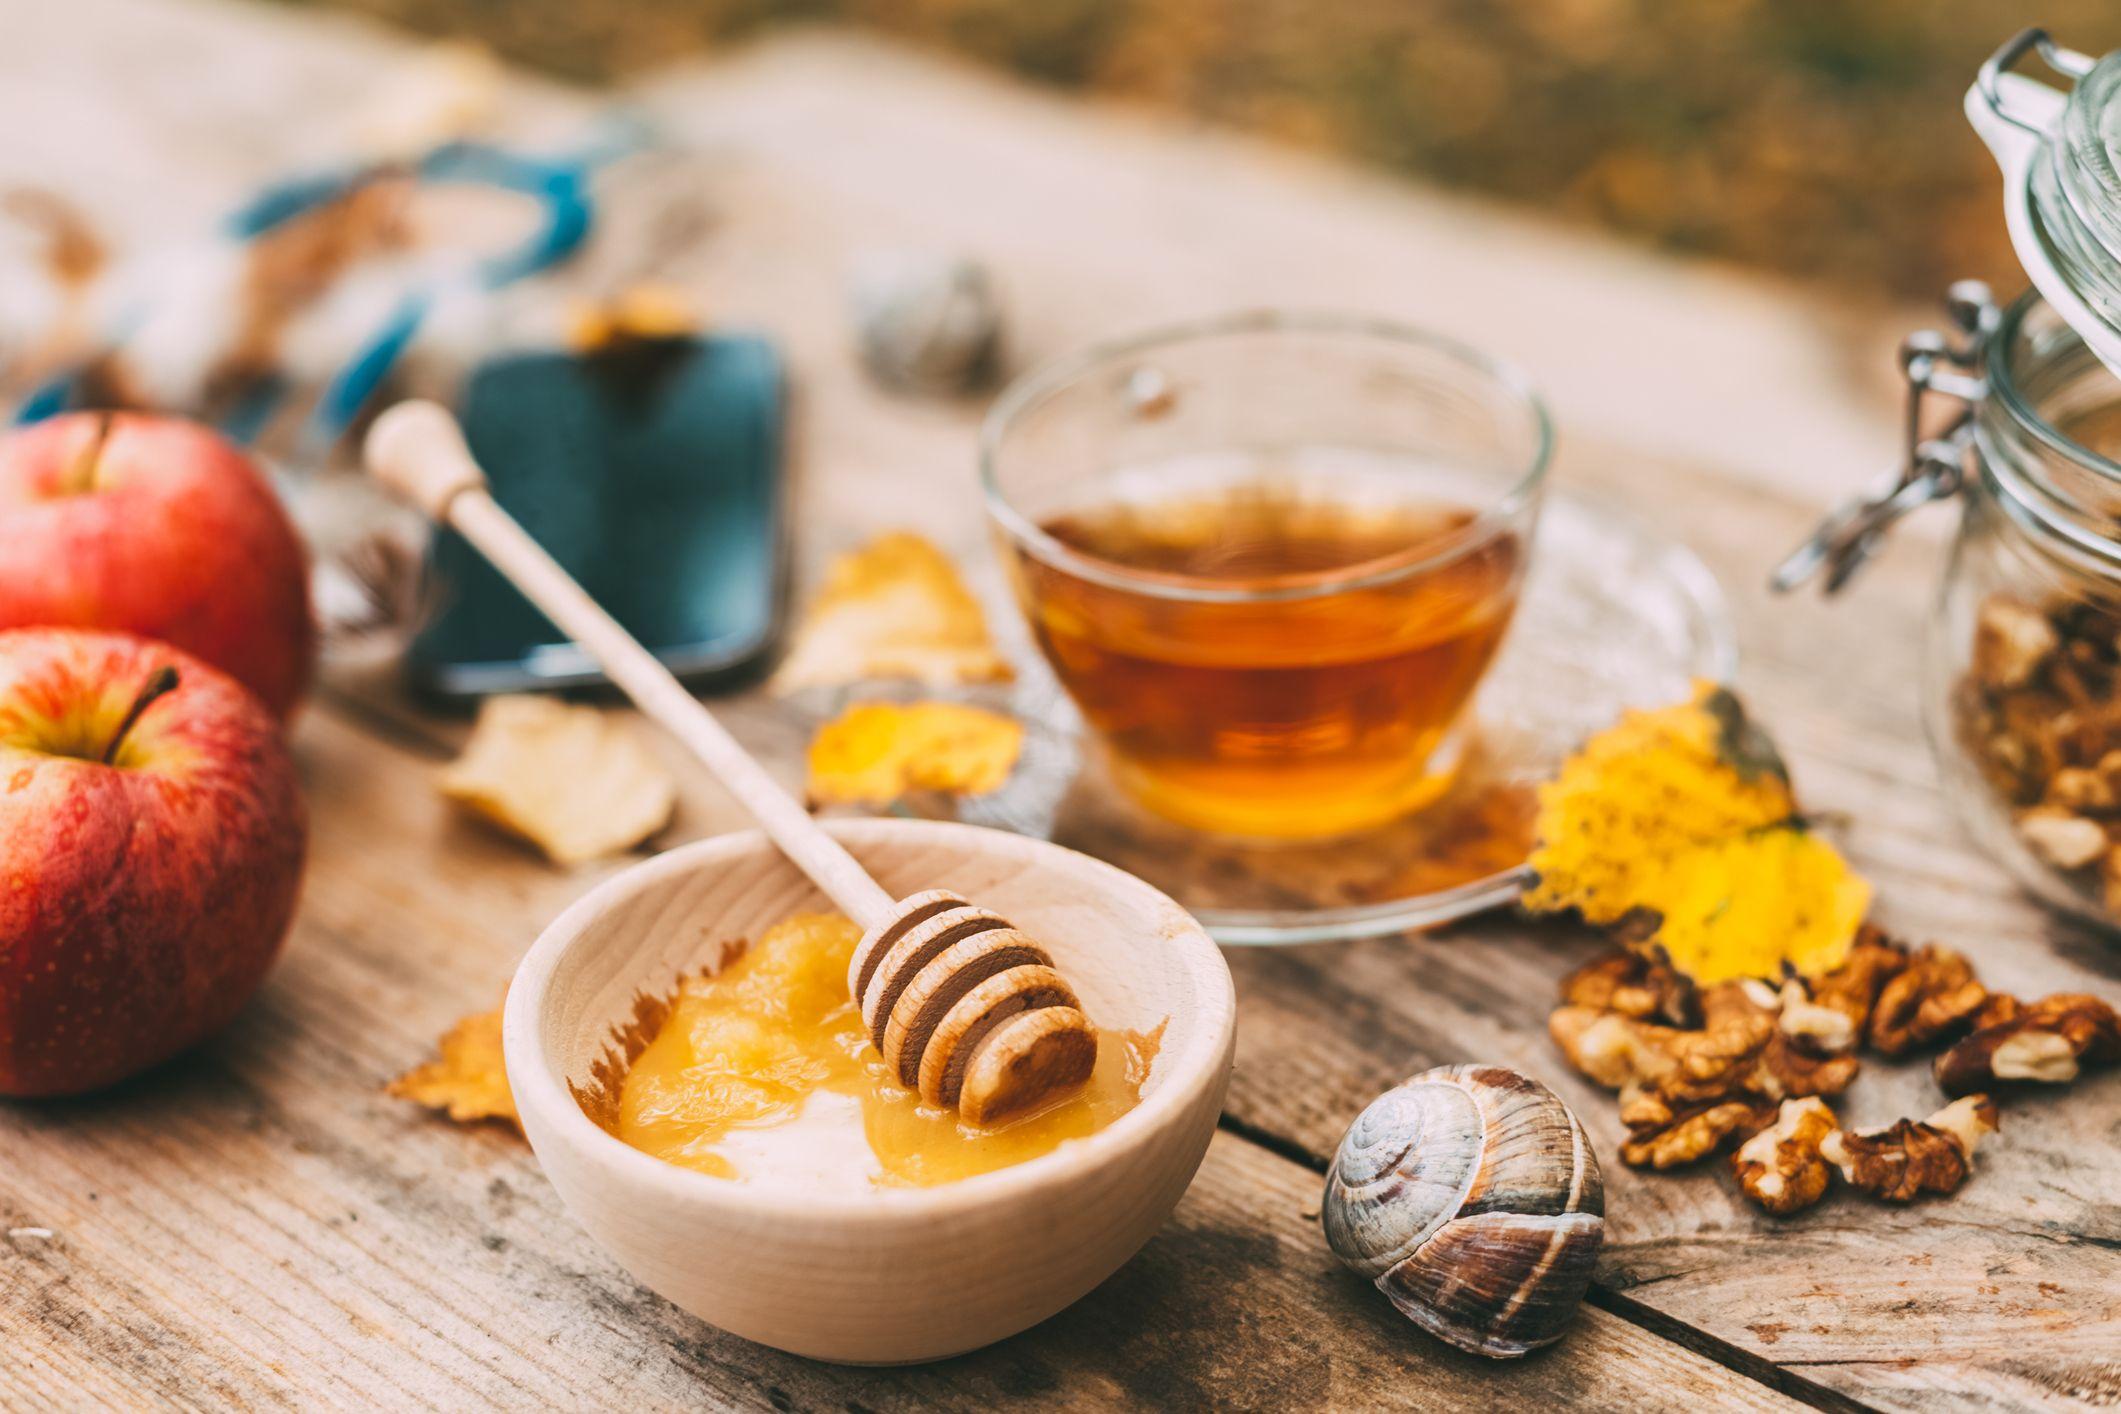 nguồn gốc mật ong manuka